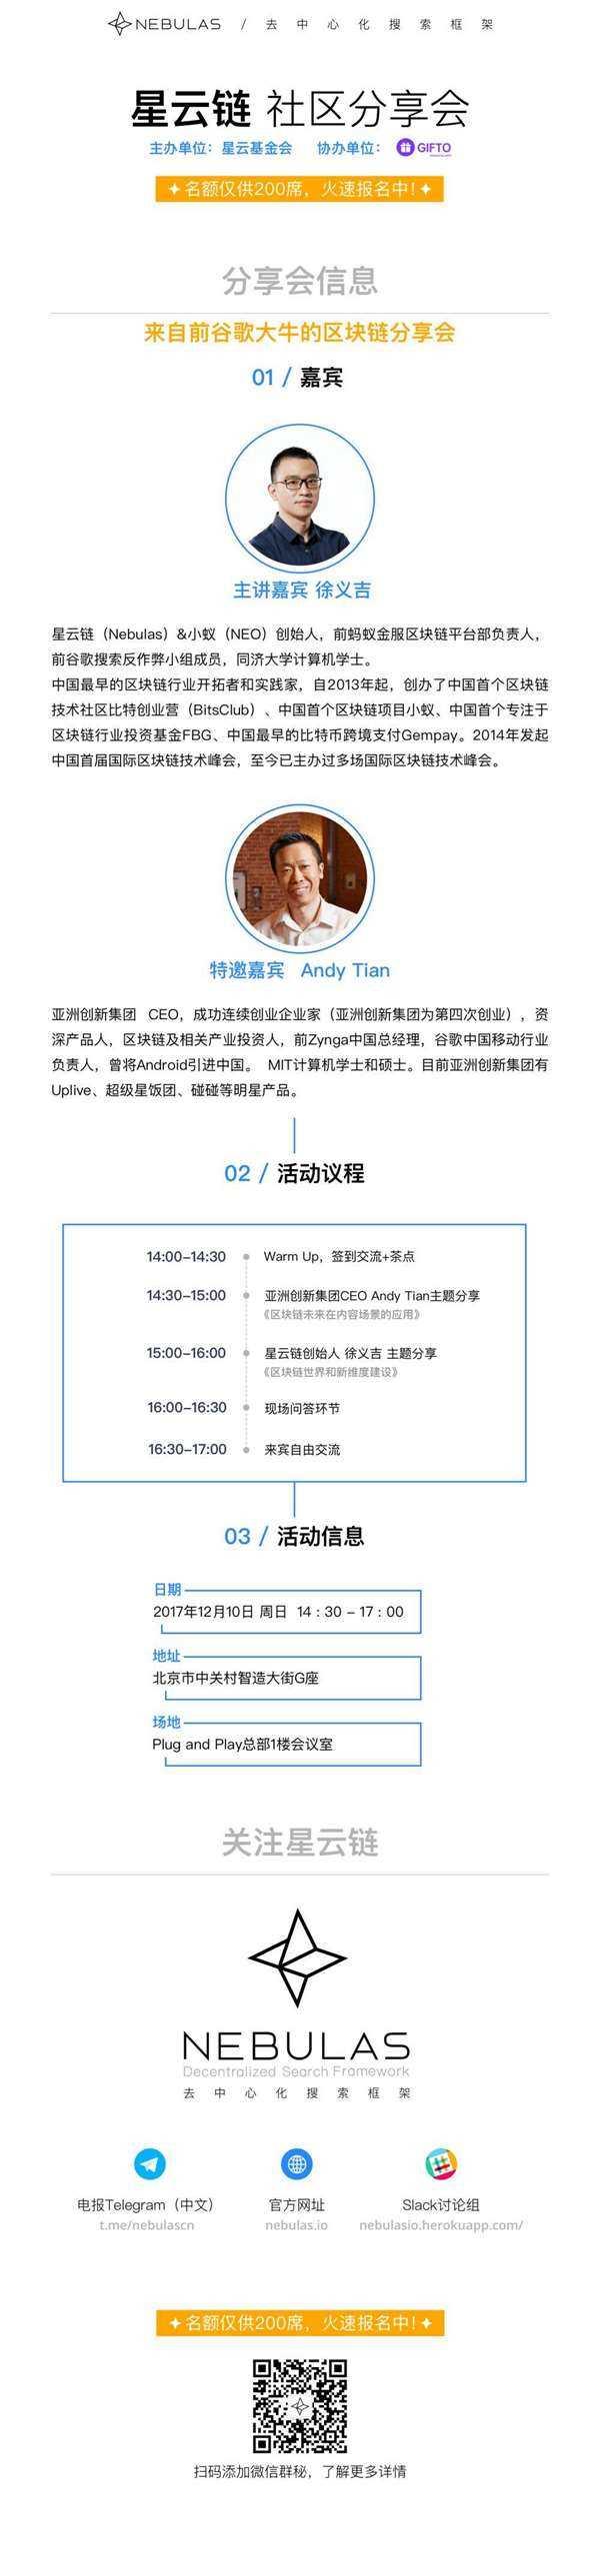 社区分享会@北京 详情页面@2x.png